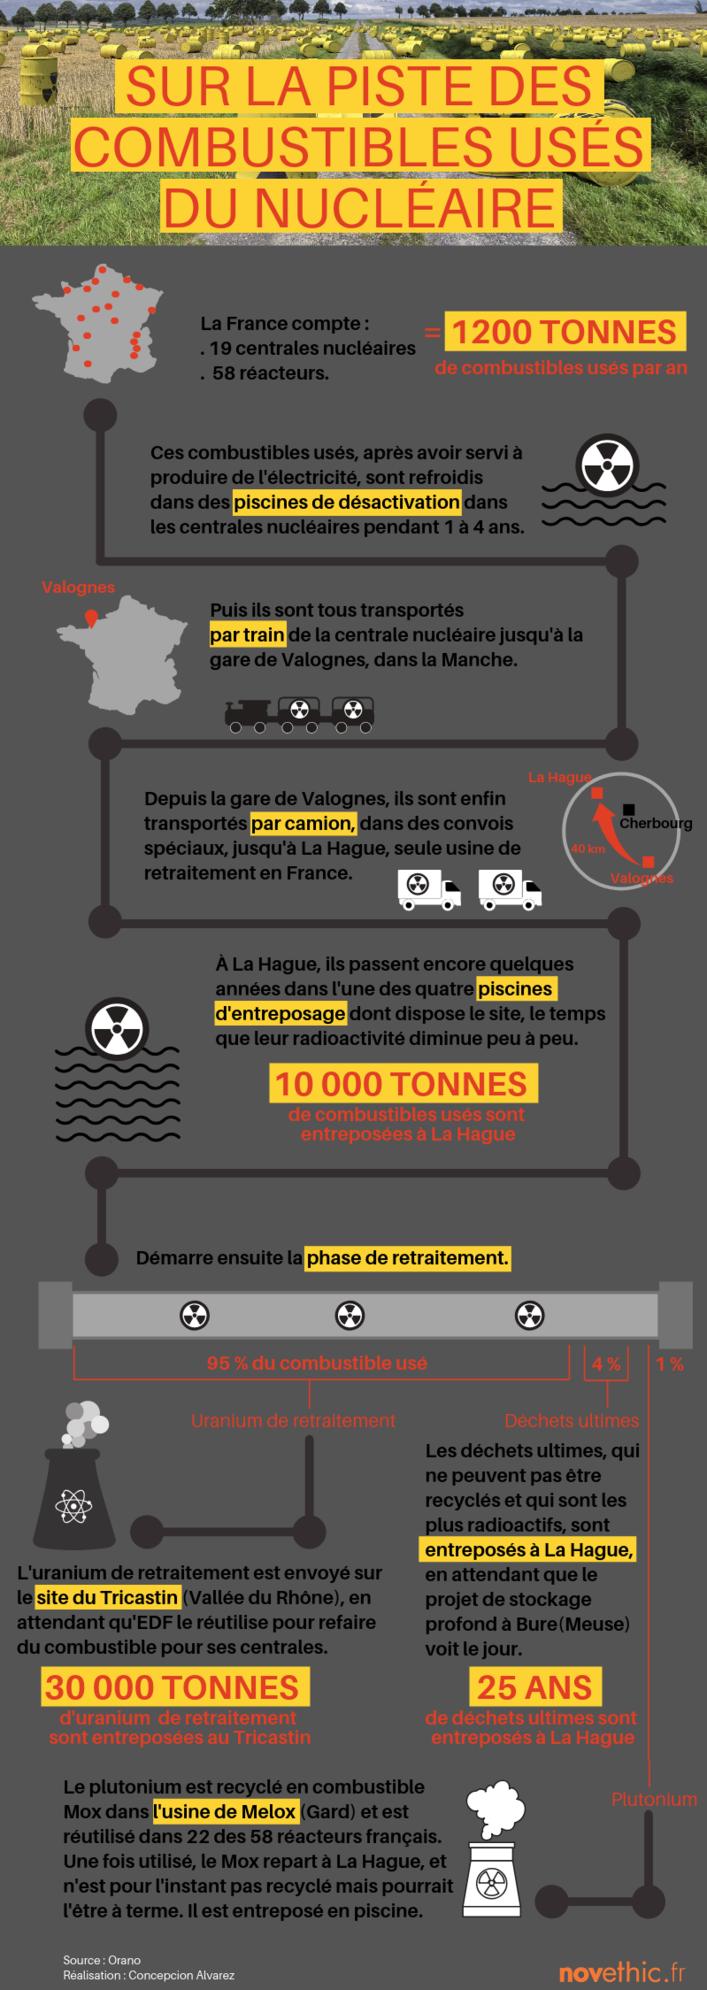 Nucléaire en France, des news ... - Page 6 Csm_infog_parcours_combustibles_uses_ok_bf42d307ea